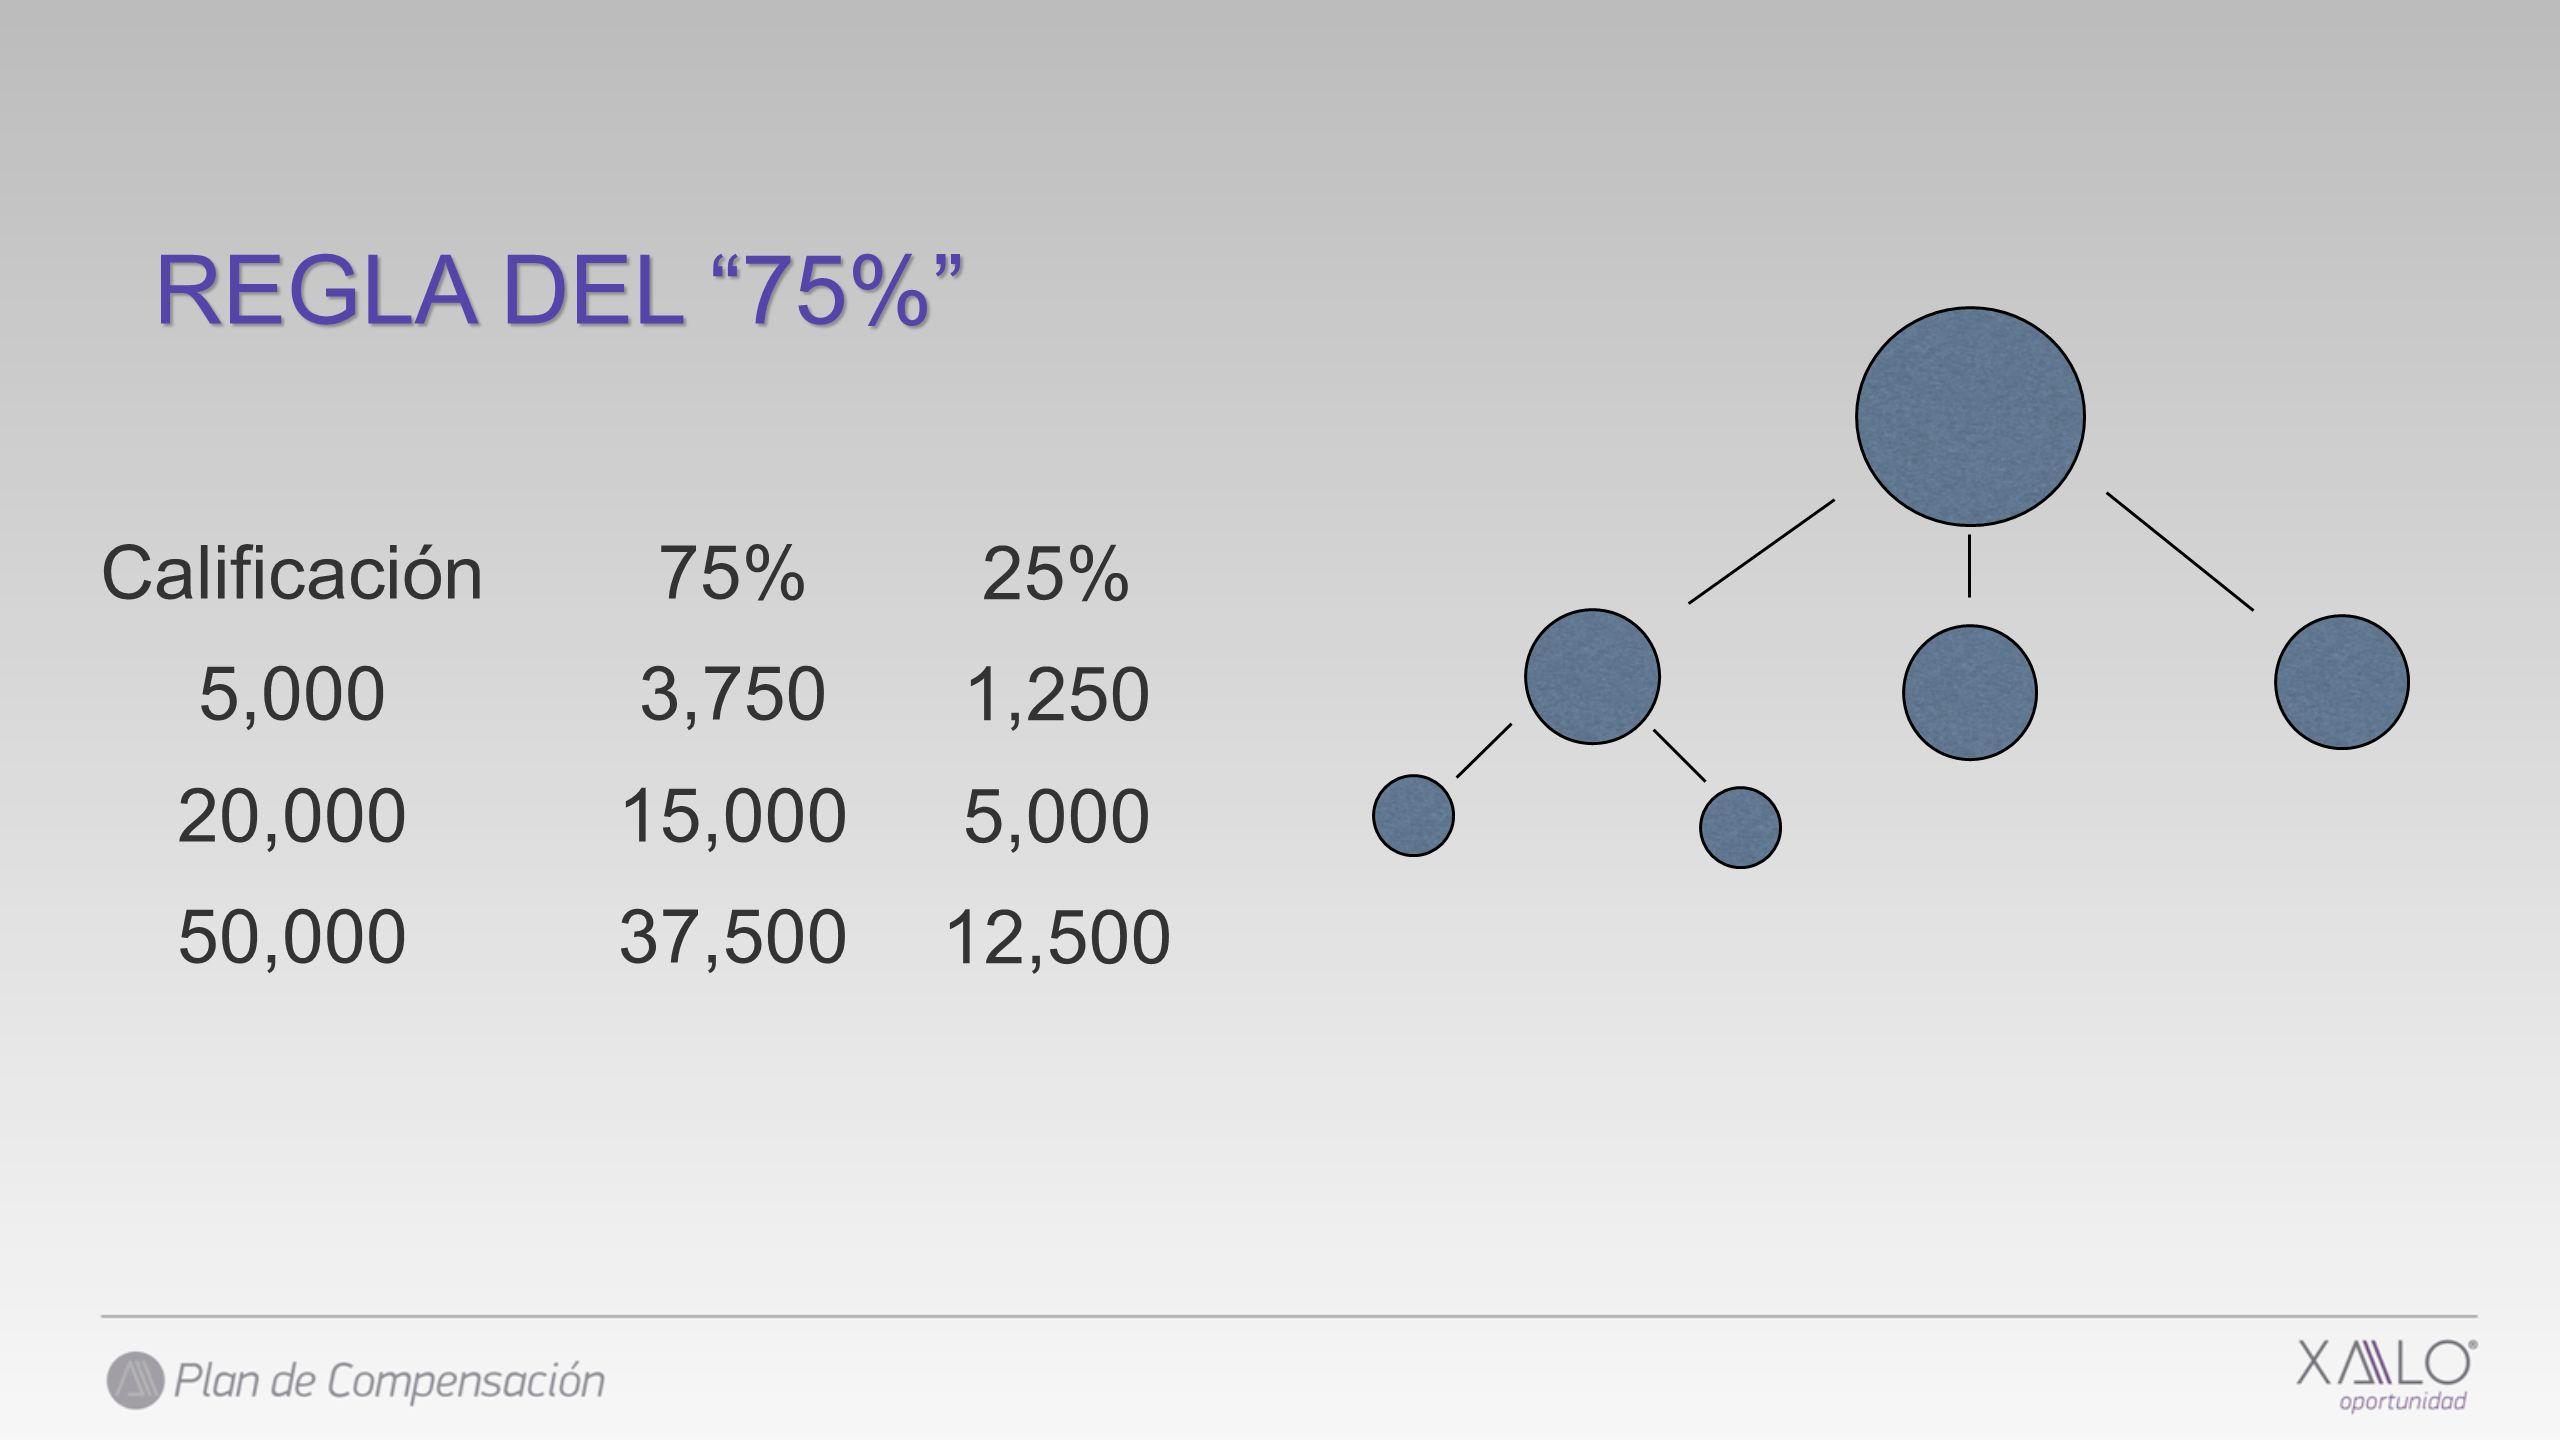 REGLA DEL 75% Calificación 5,000 20,000 50,000 75% 3,750 15,000